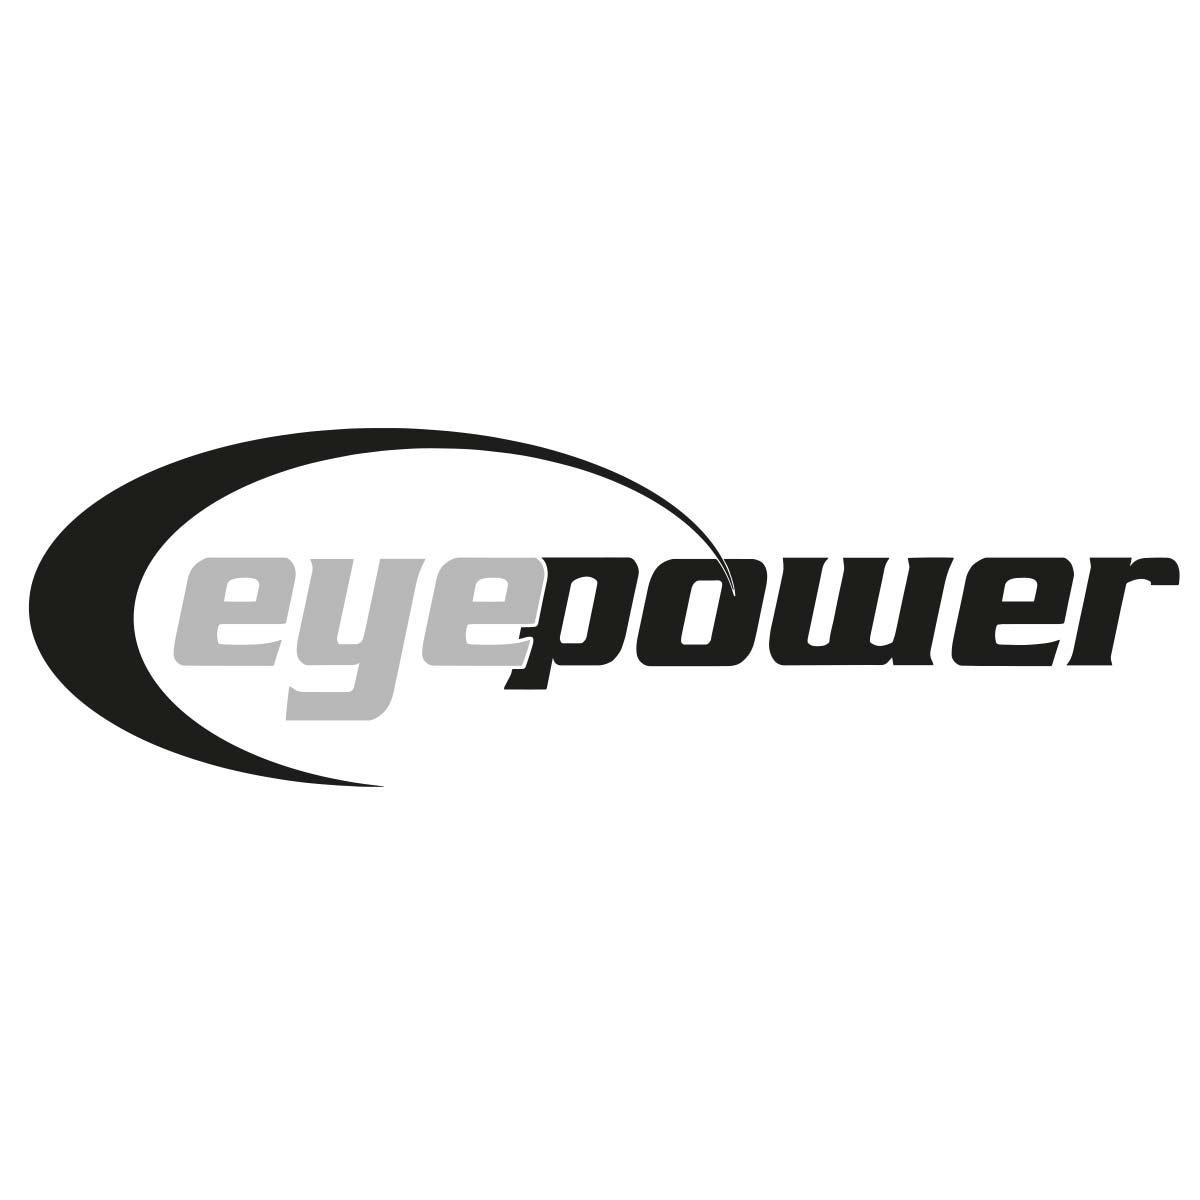 Eyepower 52L Einkaufstrolley Kühlfach Faltbarer Einkaufsroller 100x43x38cm Shopping Trolley Trolley Trolley Einkaufswagen Shopper Grau B07DXHJXX6 Einkaufstrolleys 5f9145